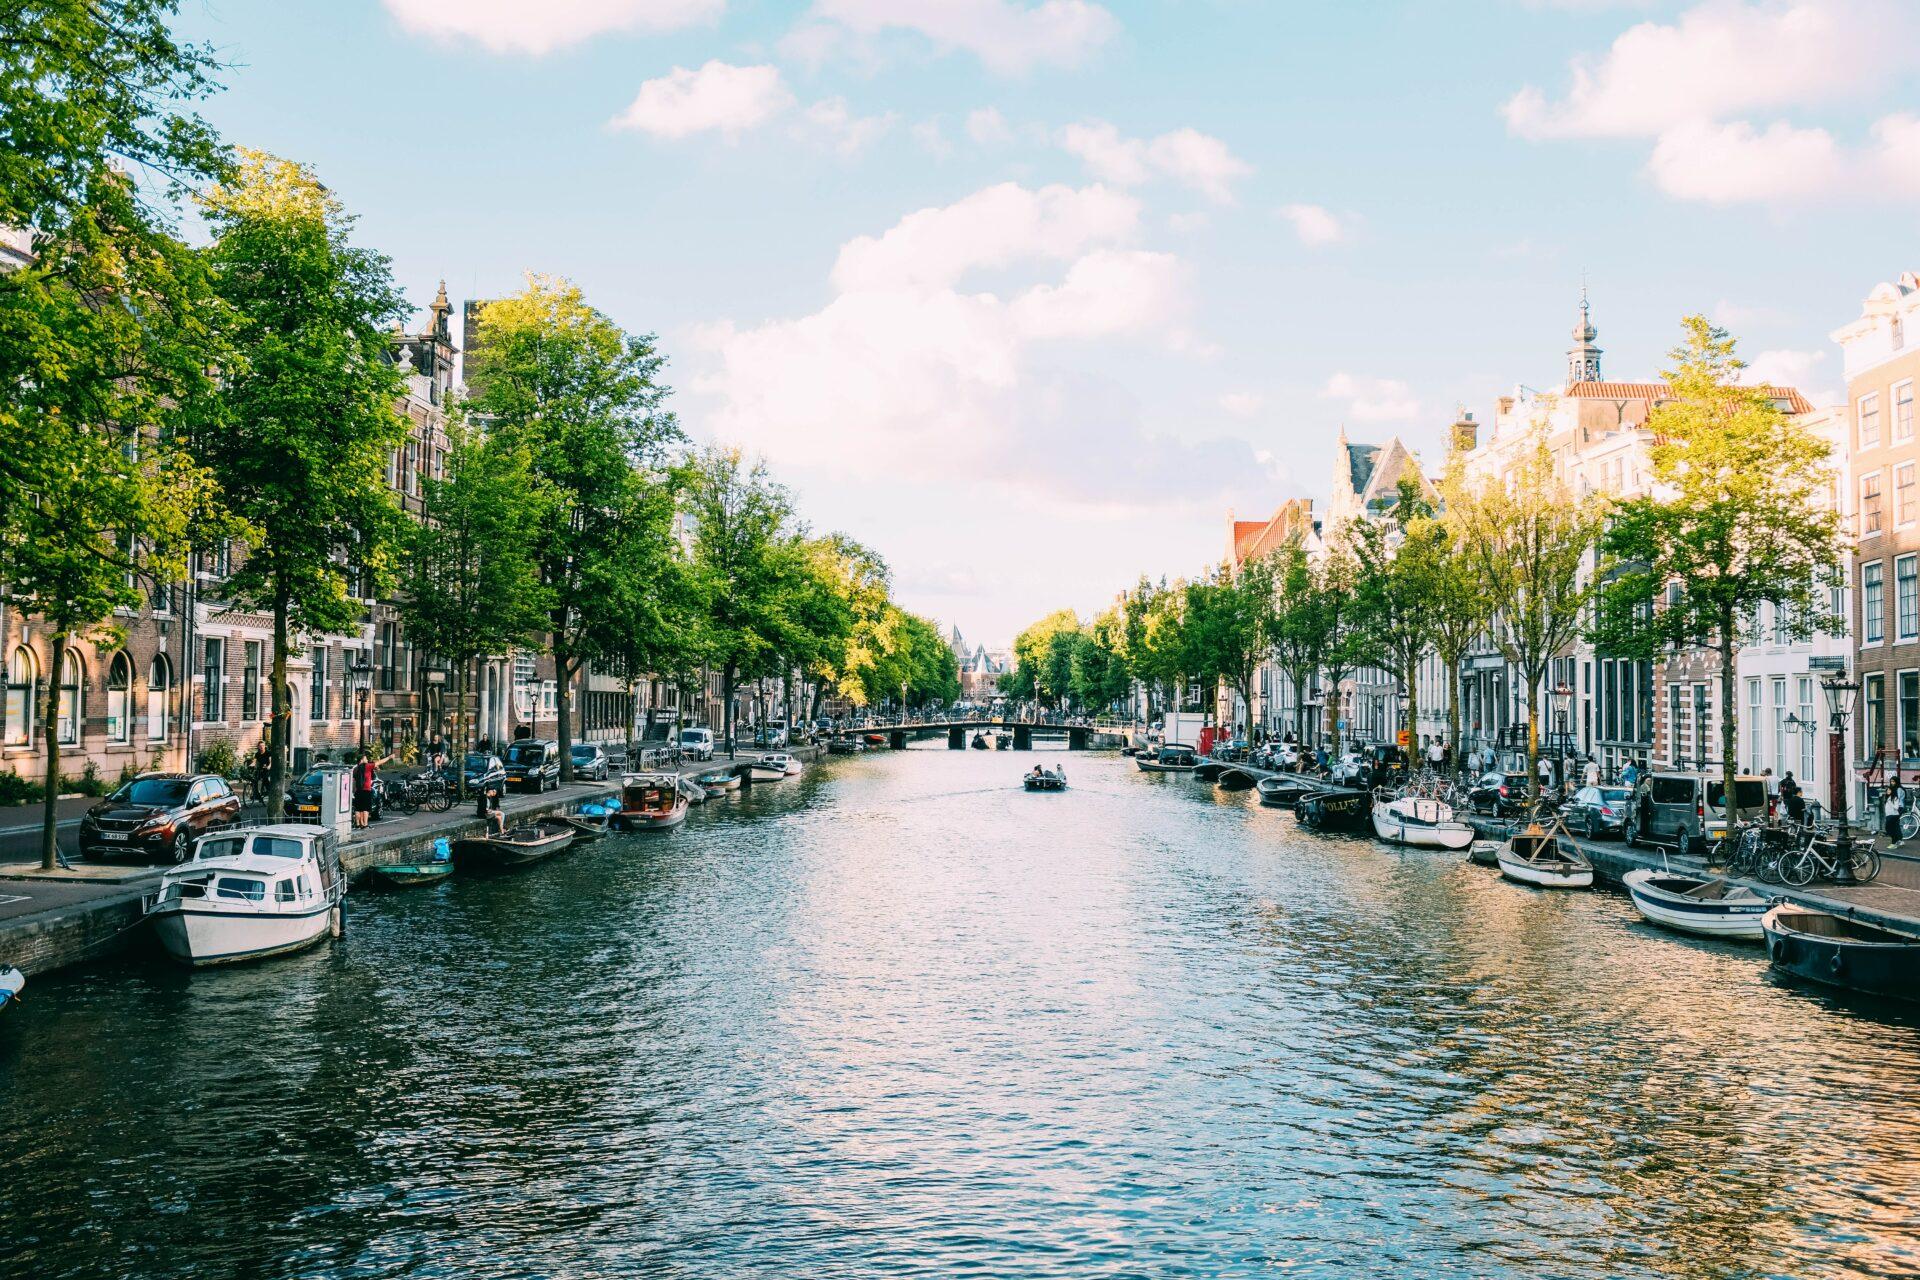 Duurzaam reizen - Tips om milieubewust te vliegen - Reisblog België TravelRebel - ARUBA - Amsterdam